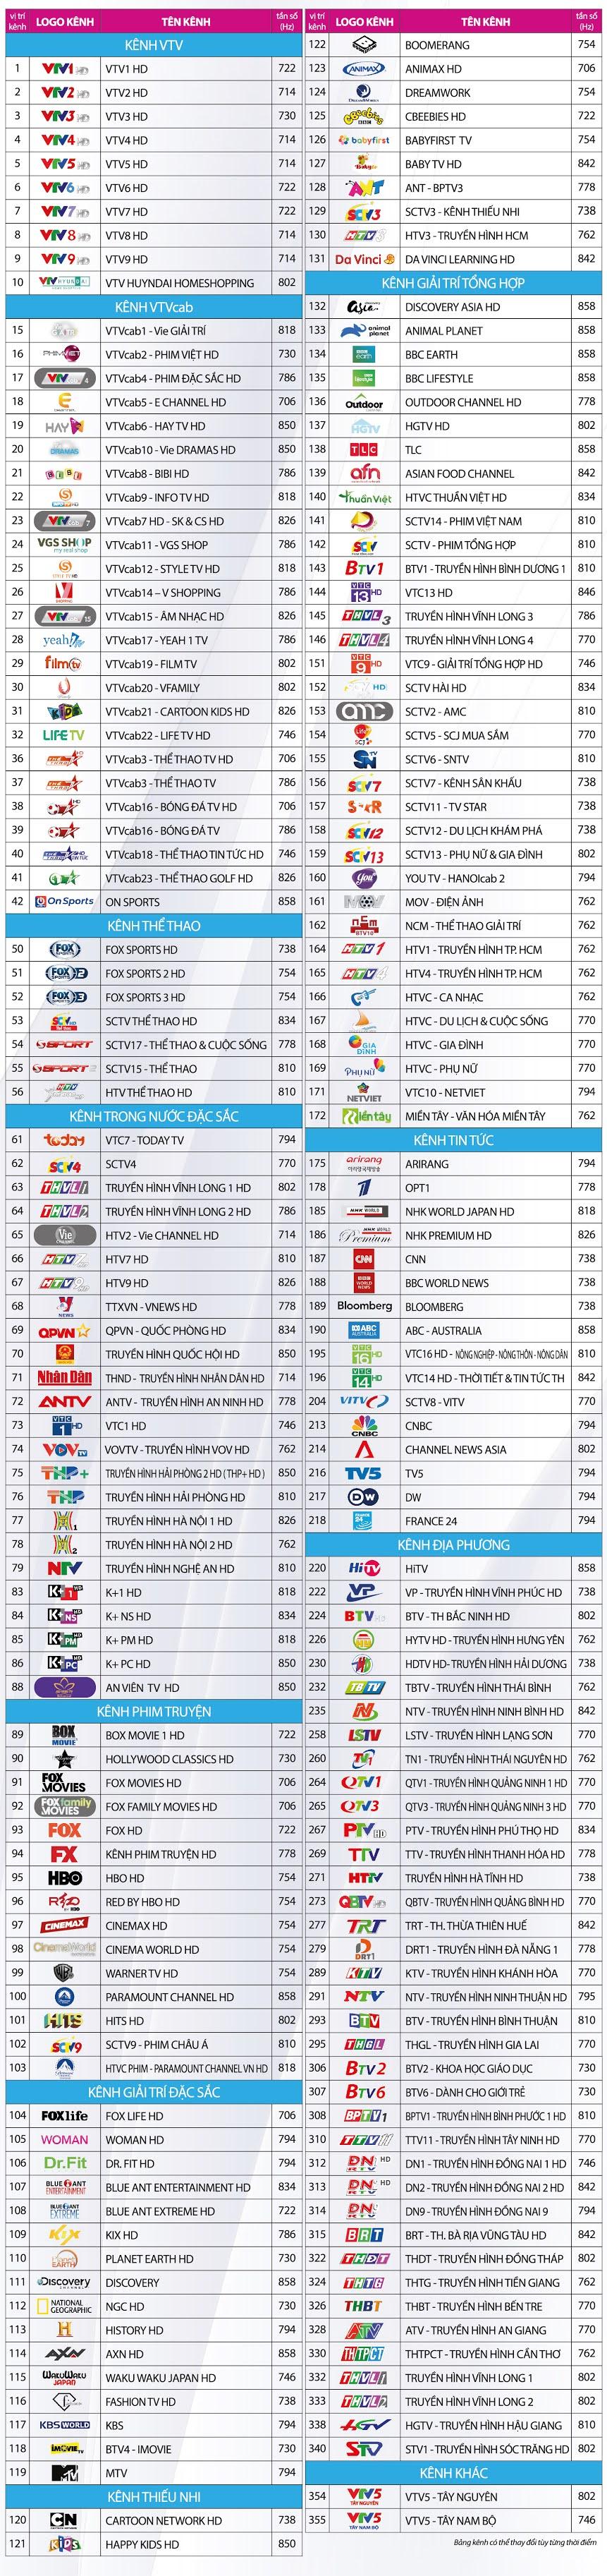 Danh sách bảng kênh VTVcab cập nhật tháng 3/2021